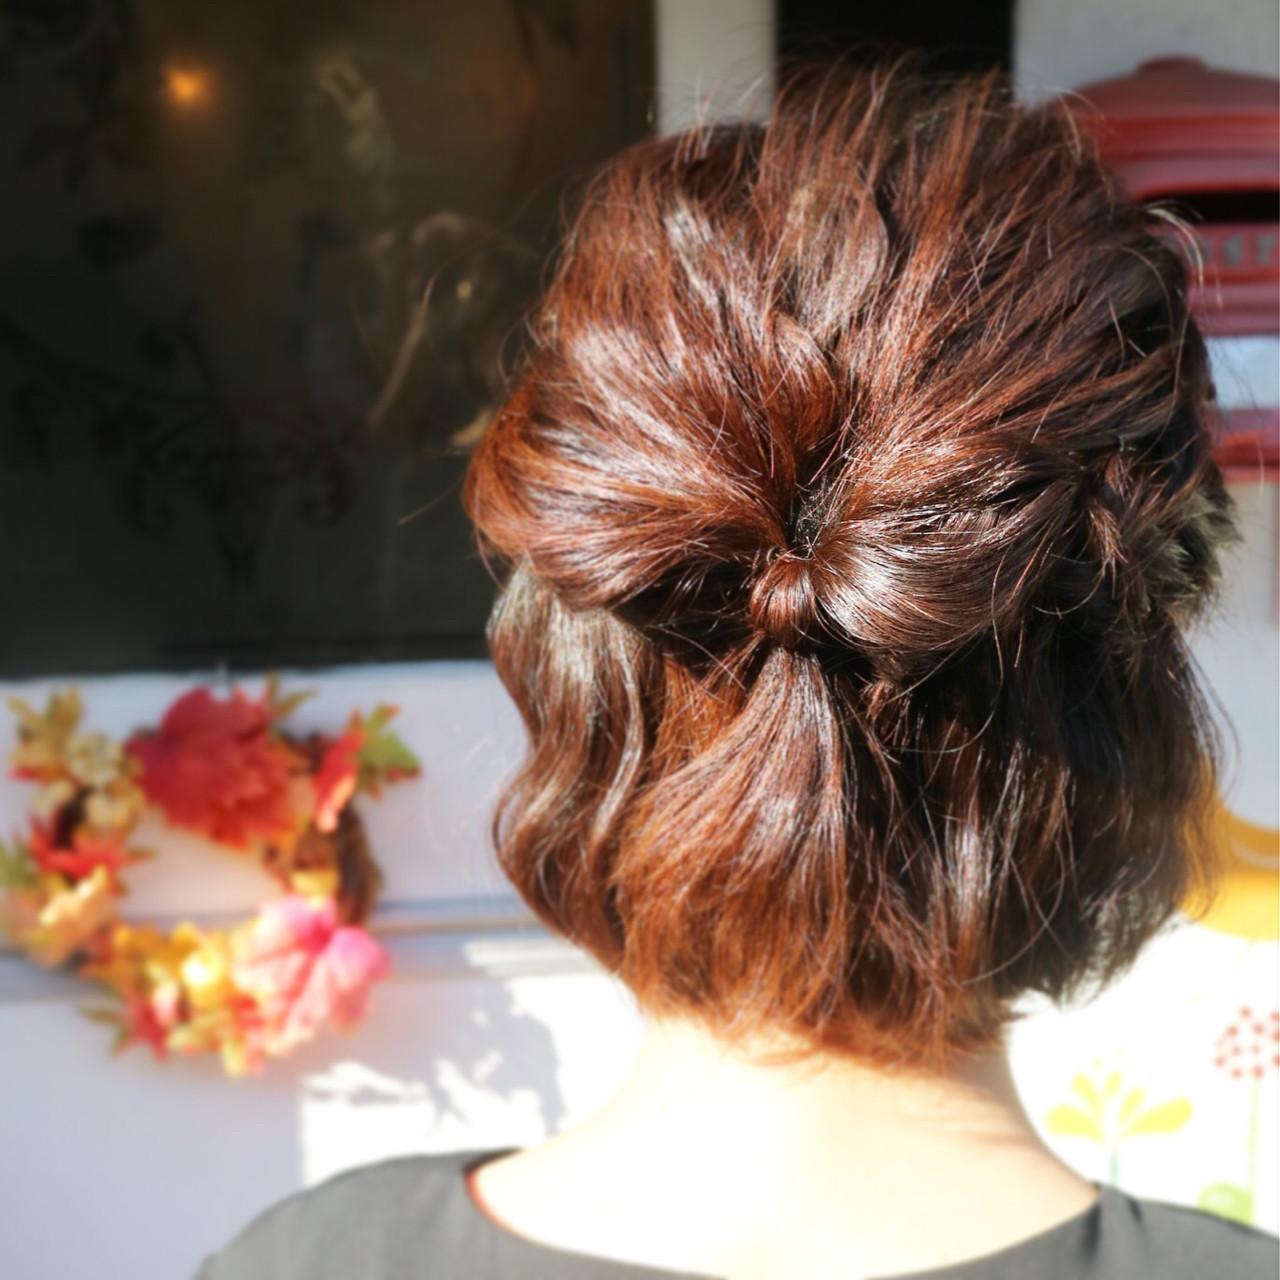 特別な日のスタイリング。意外と簡単にできるショートヘアアレンジ♡ 伊藤 絵理